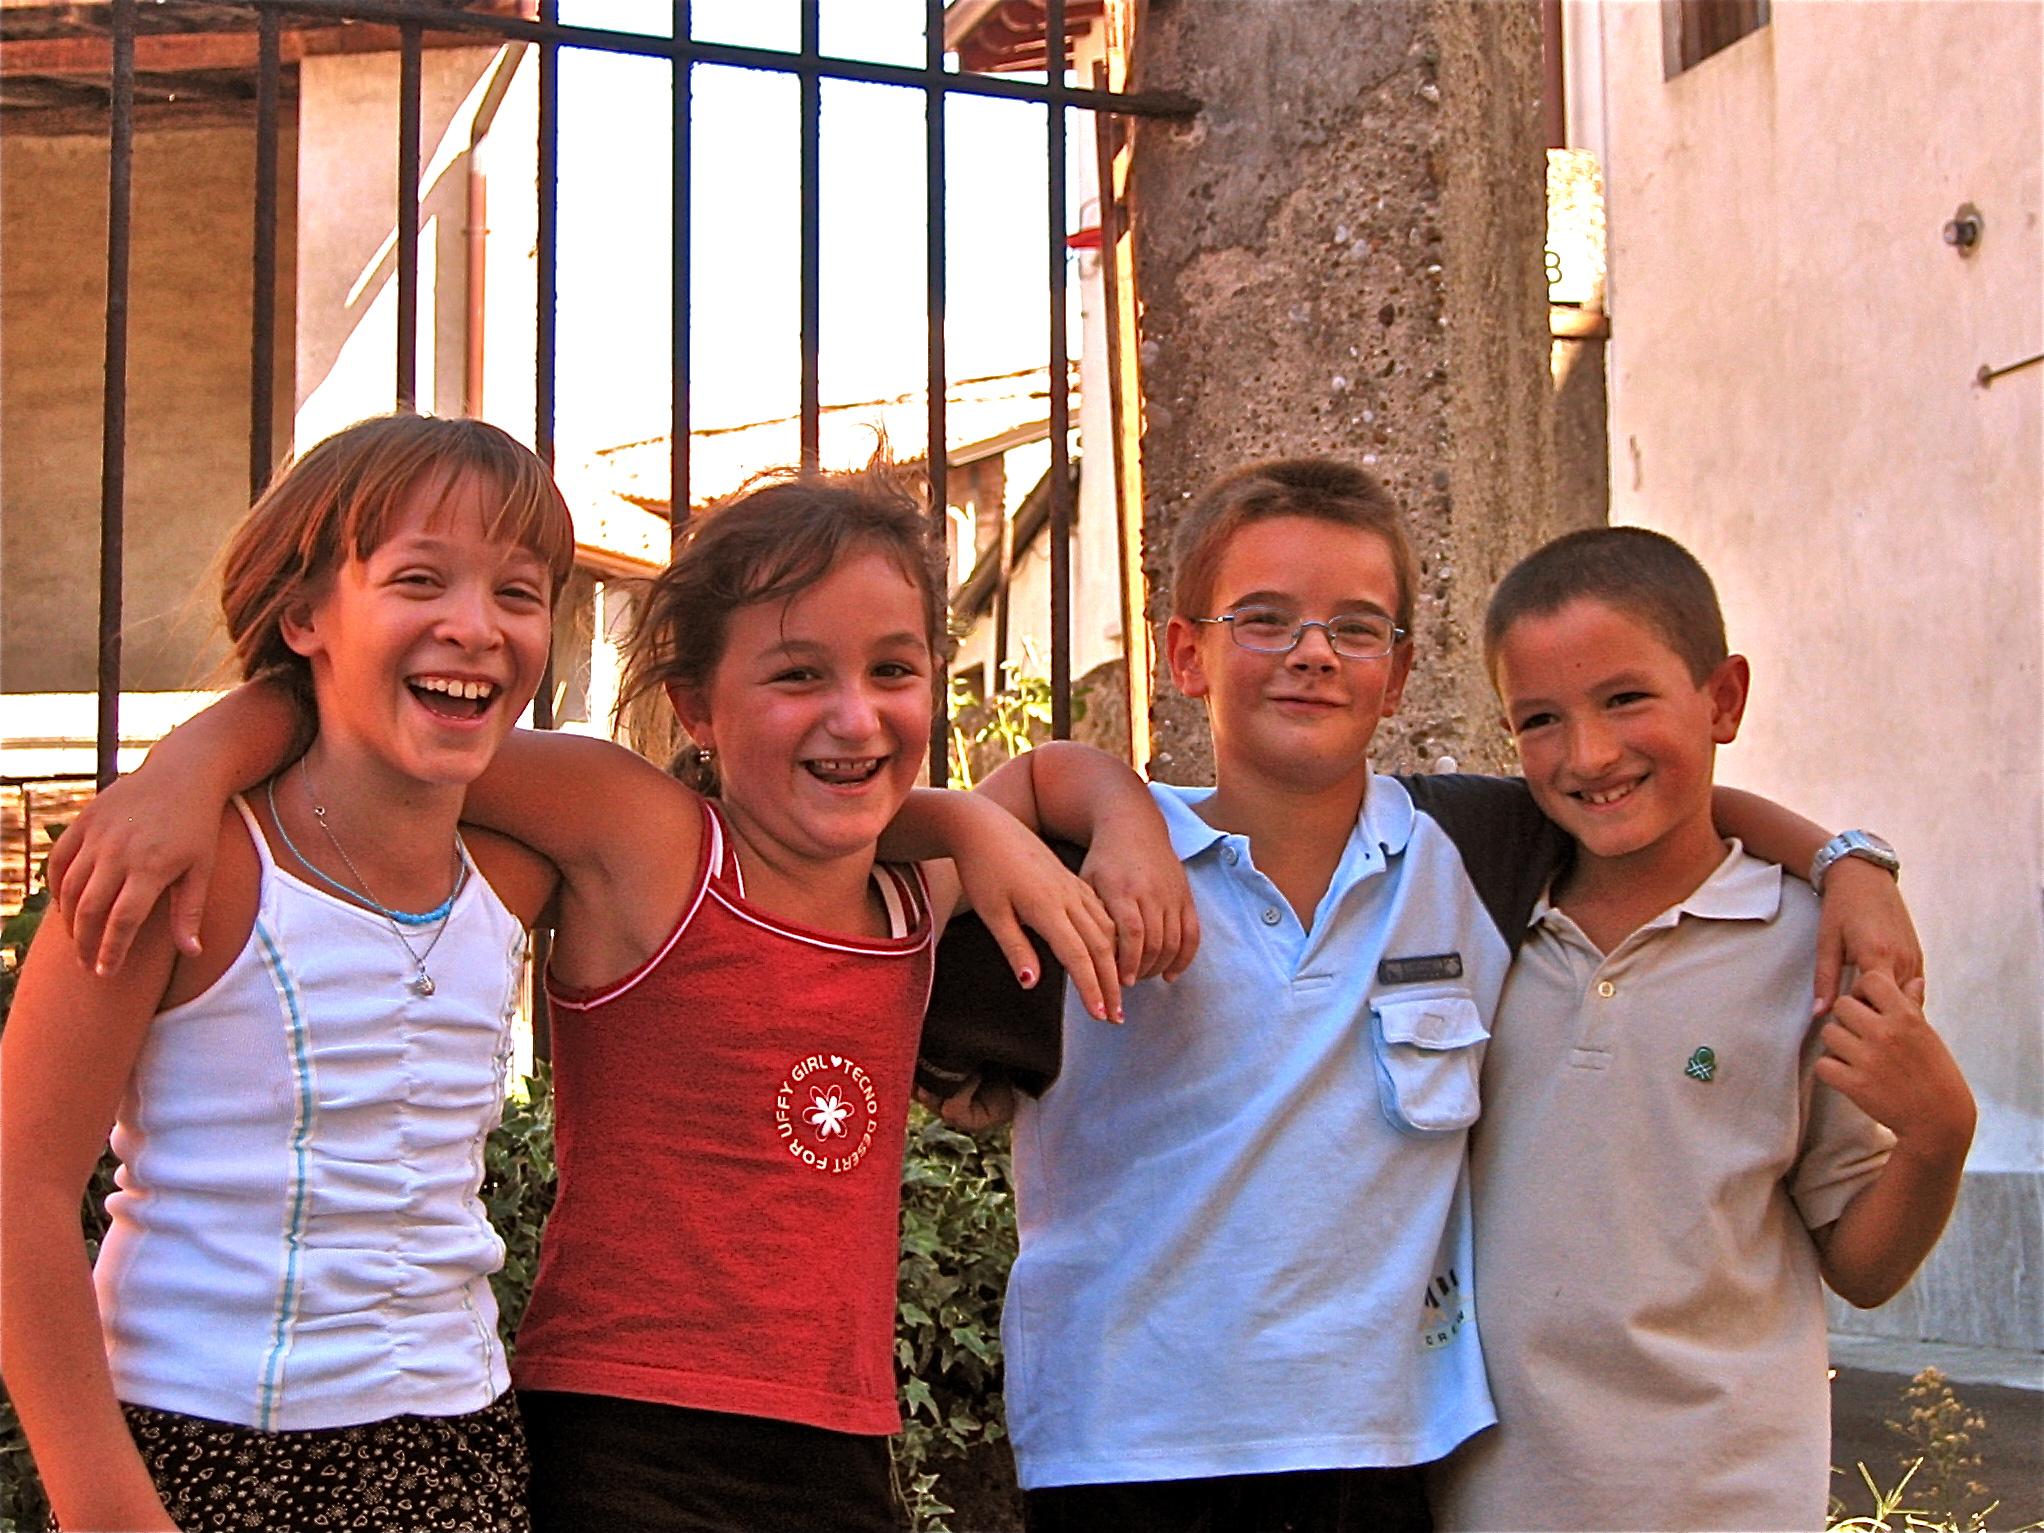 La banda. Mozzanica (BG), Agosto 2003